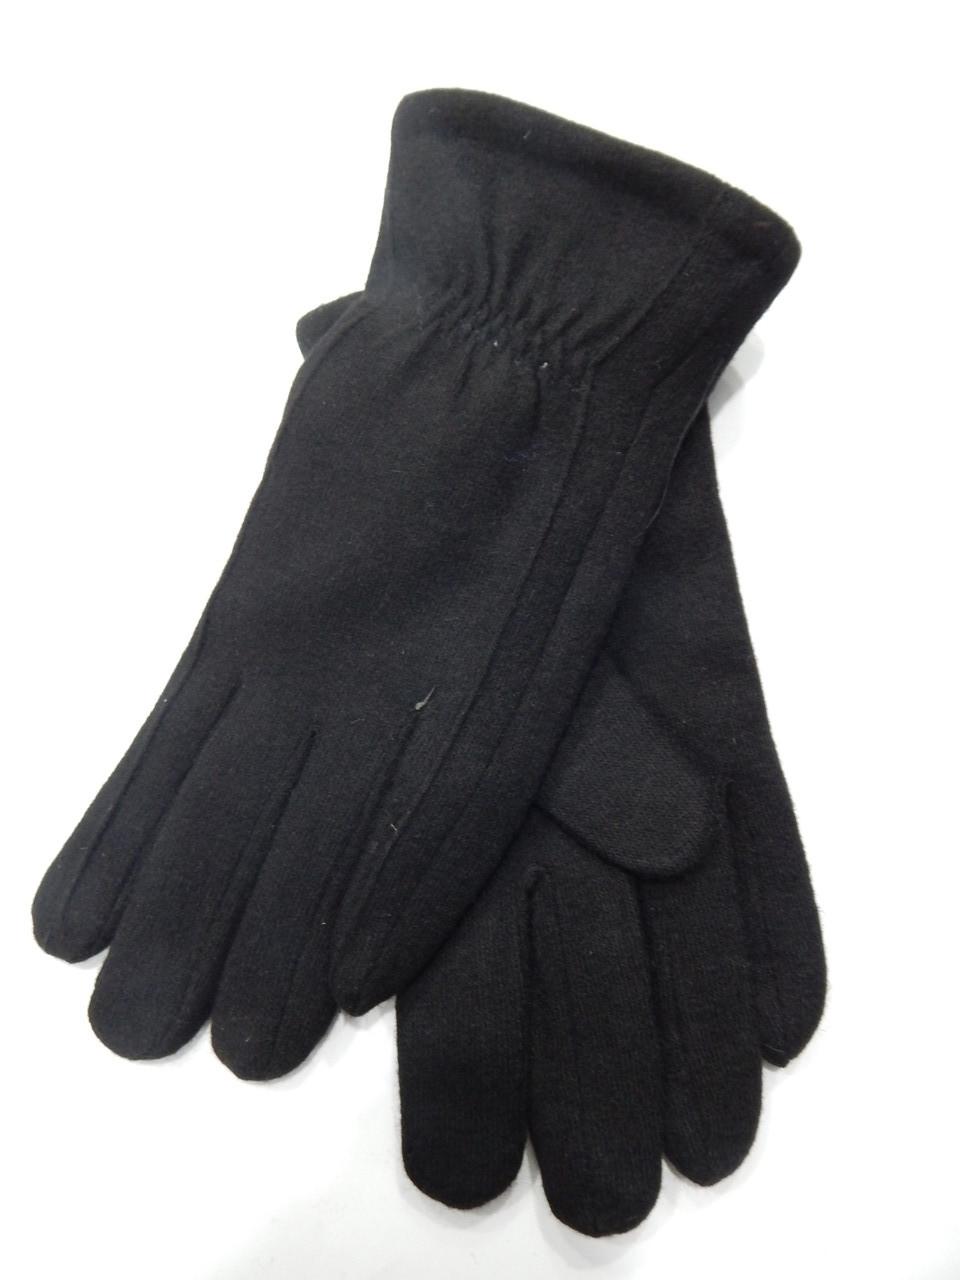 Мужские перчатки кашемир/махра оптом